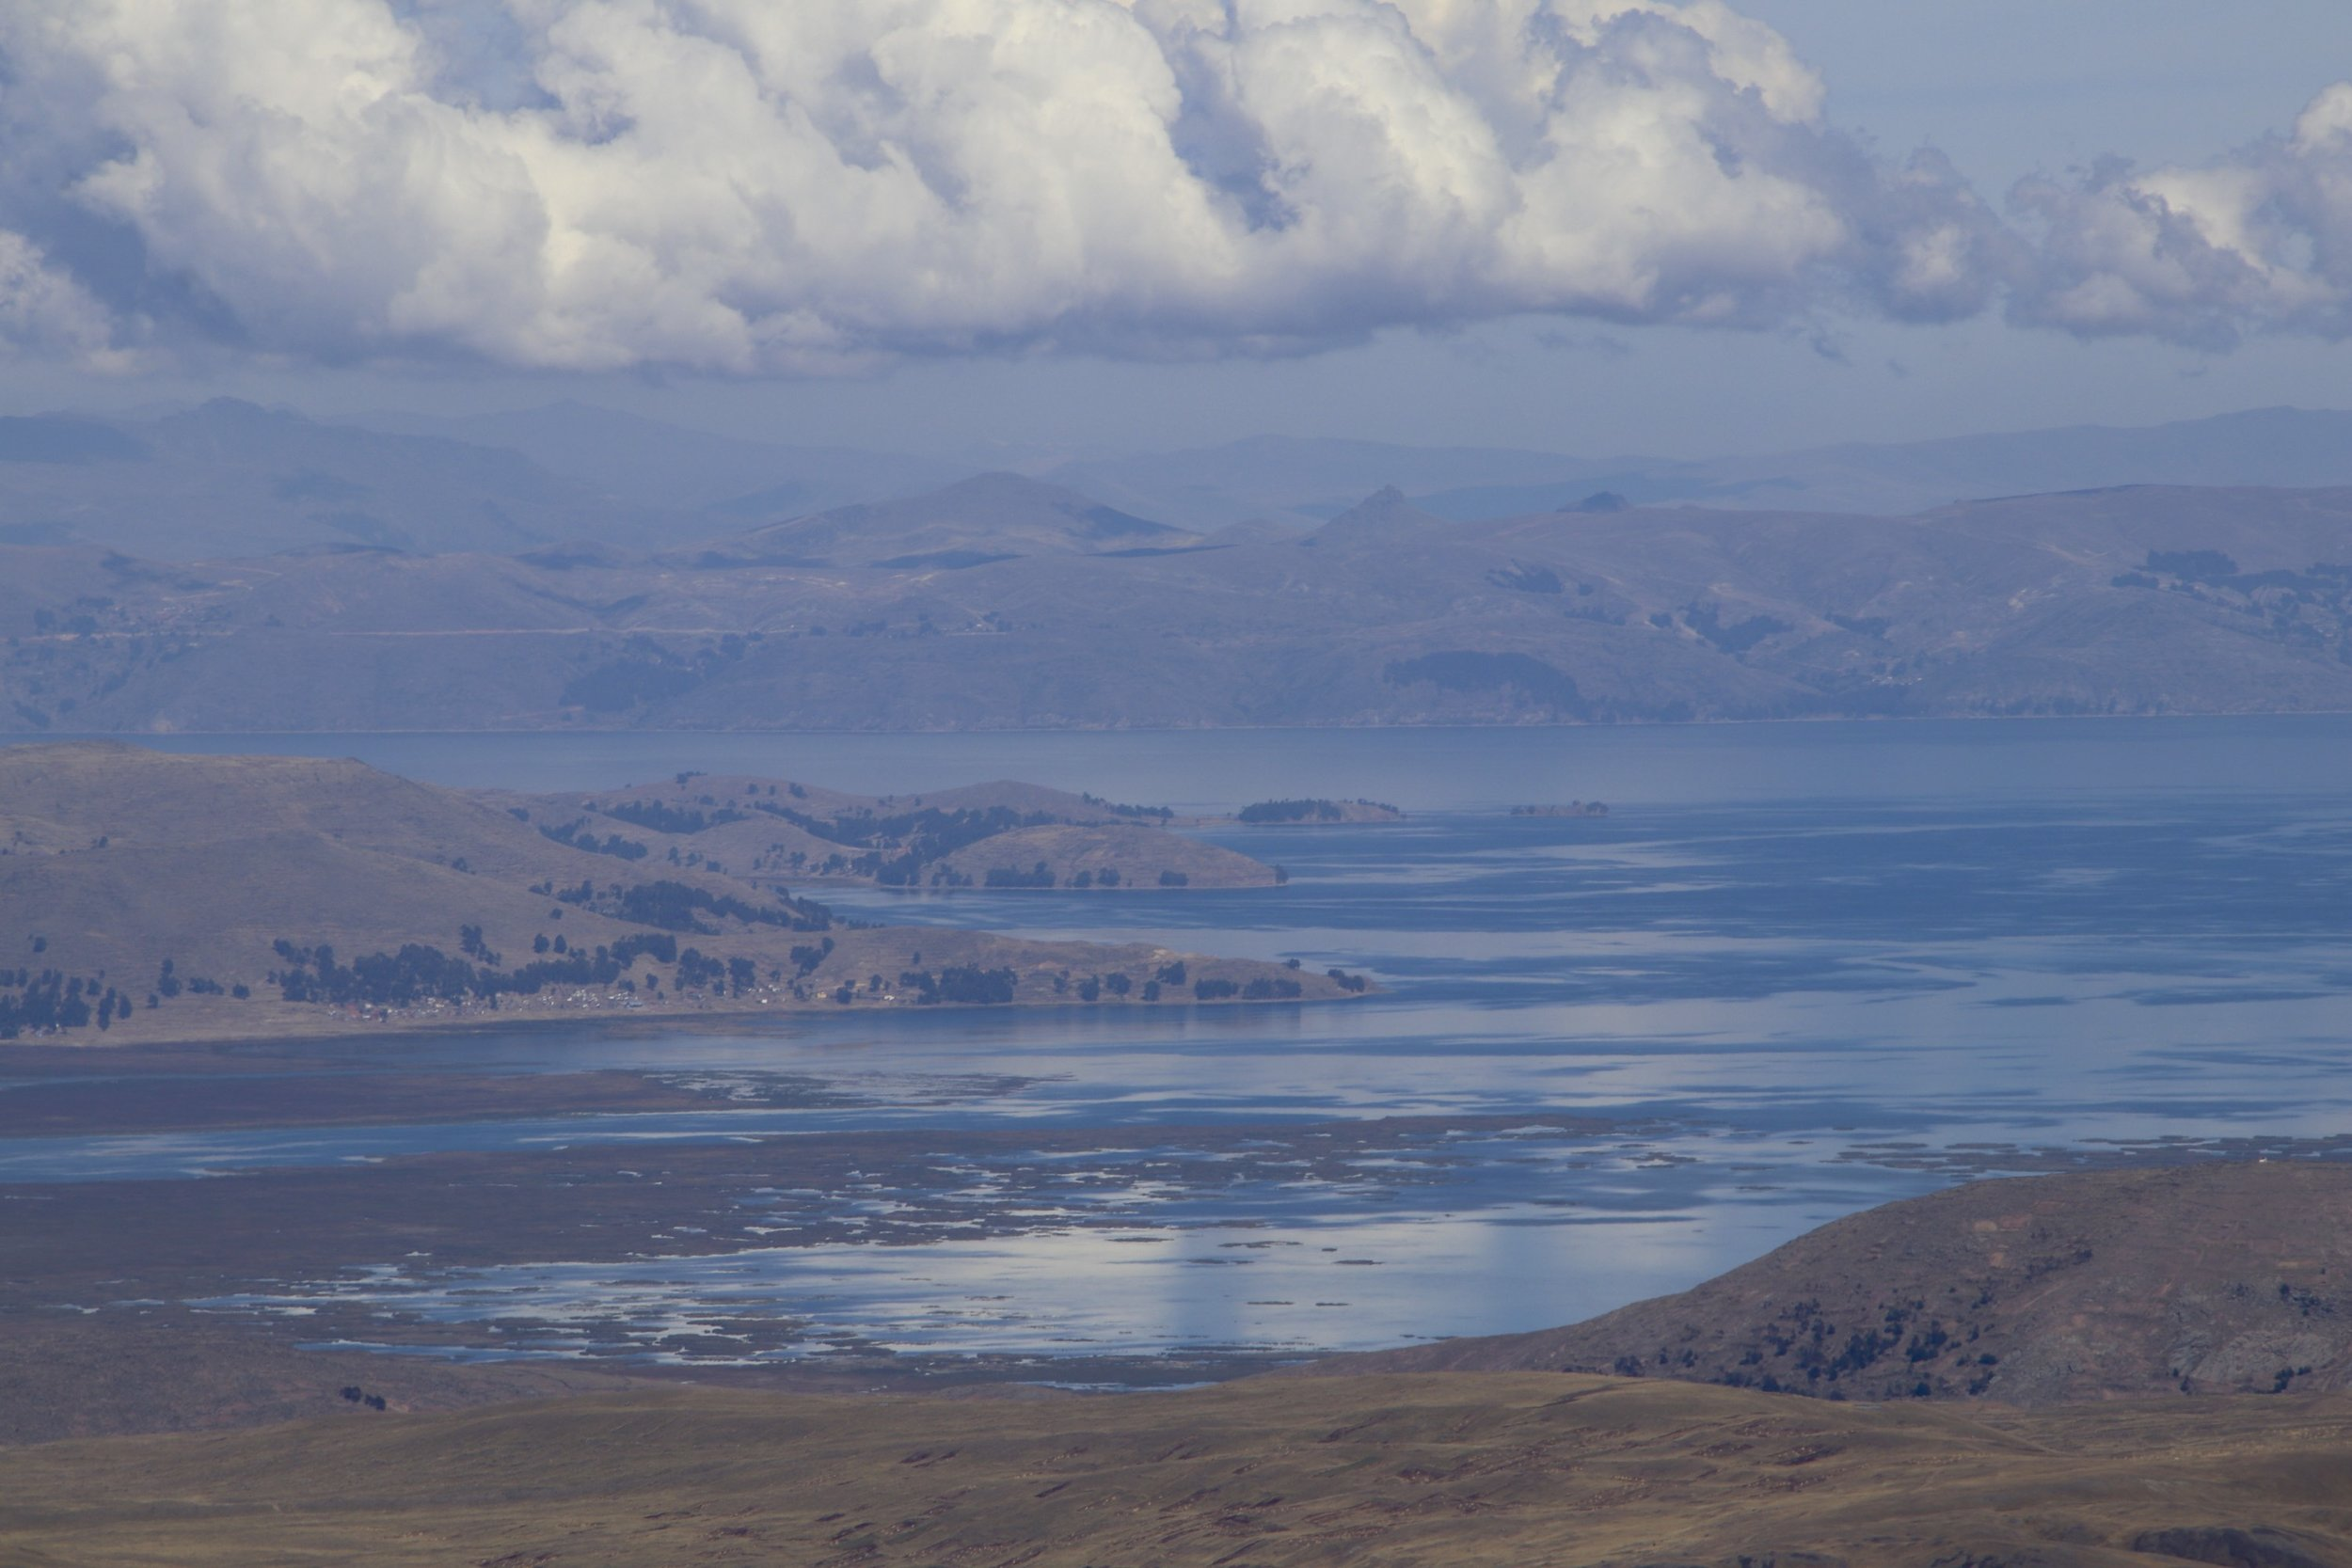 Lake Titikaka from 5,000m